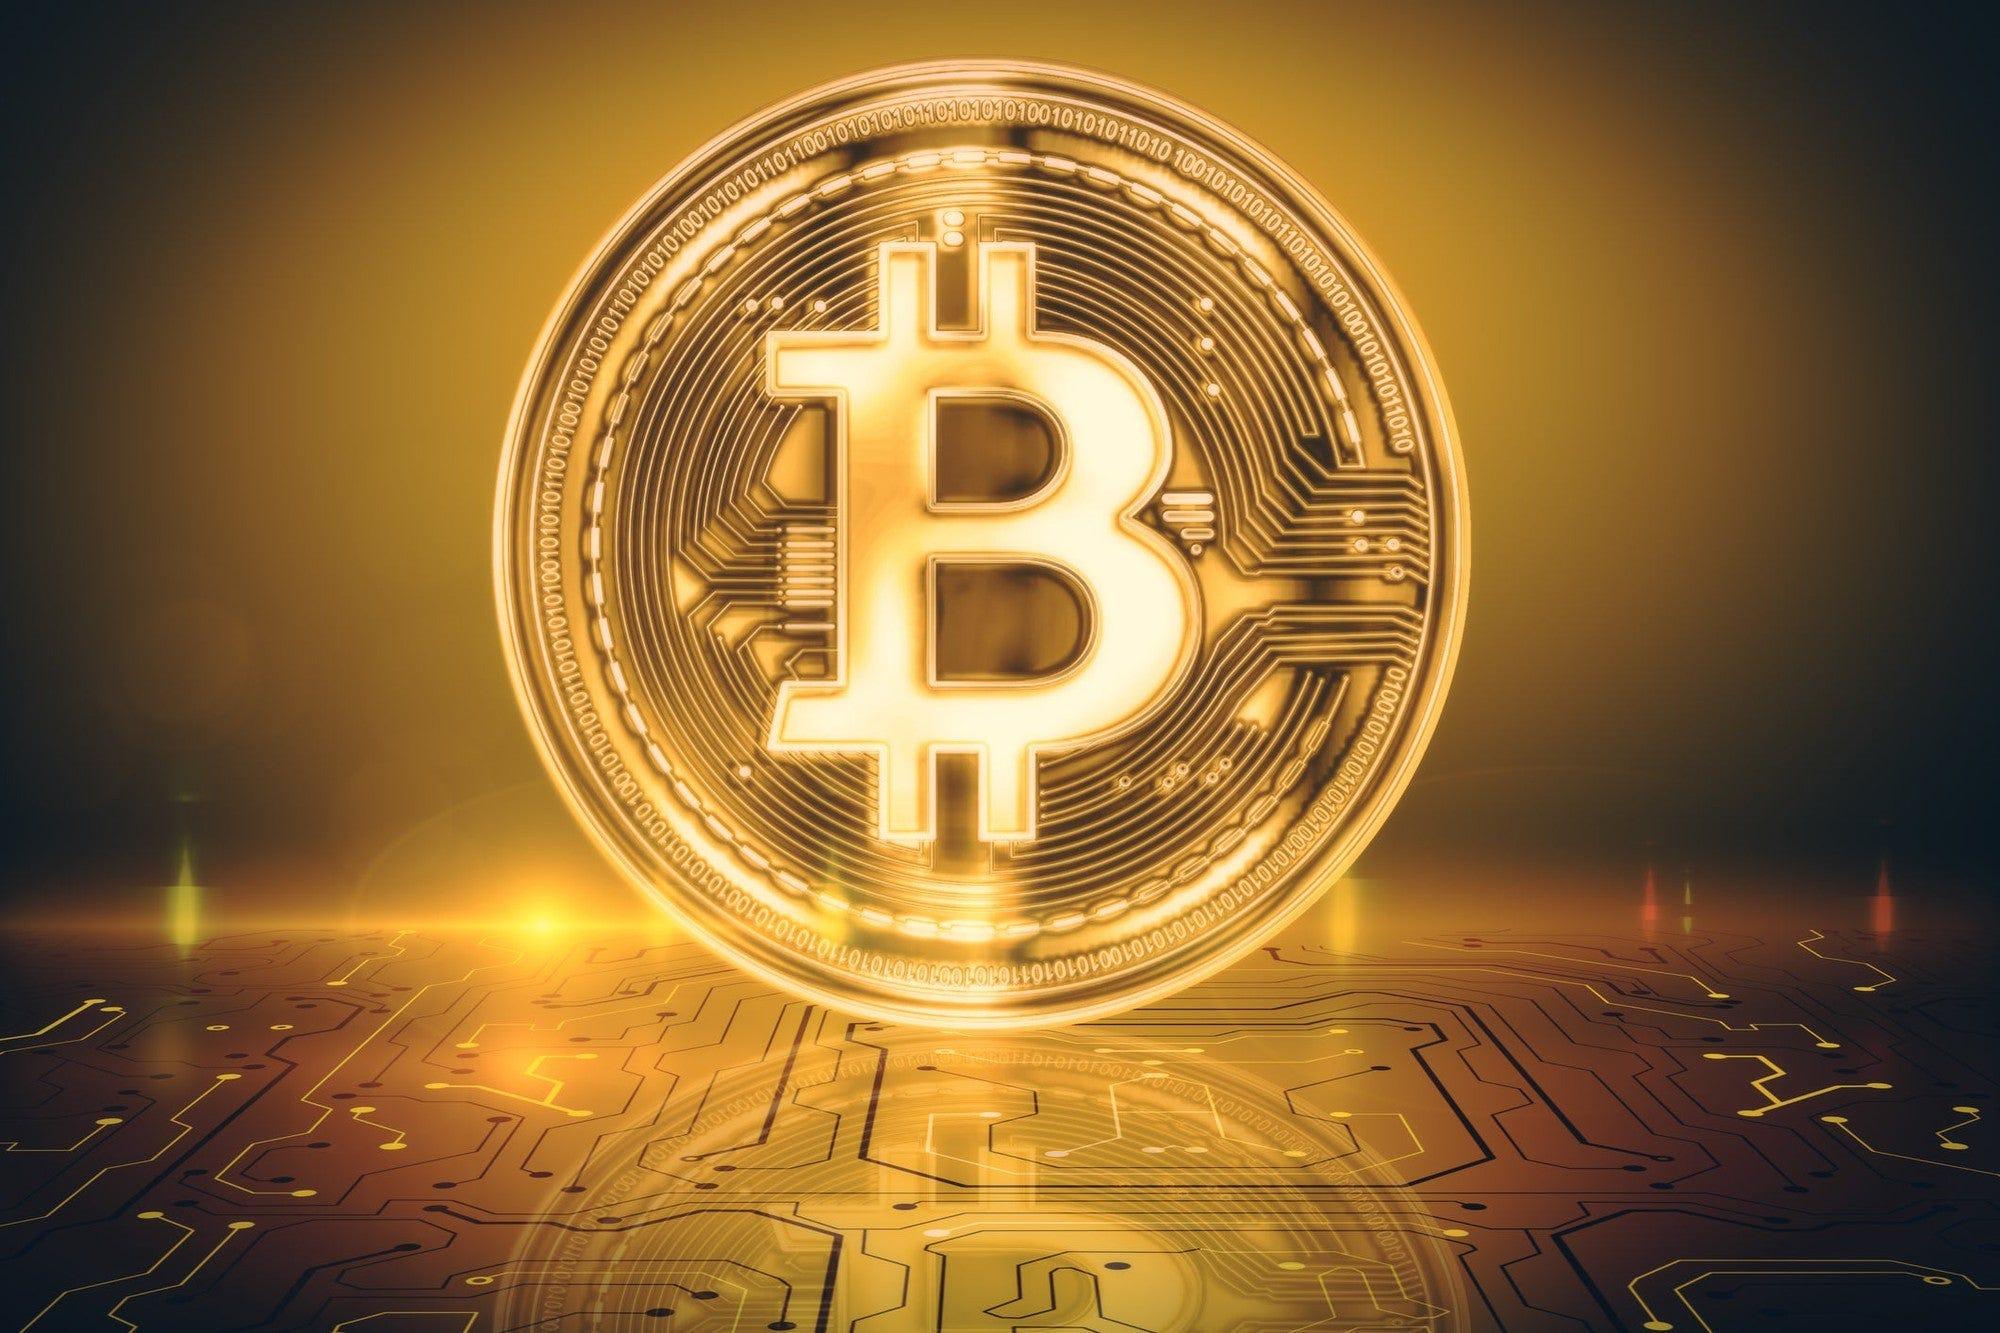 El volumen de Bitcoin continúa viendo mínimos anuales a medida que el precio lucha por recuperarse